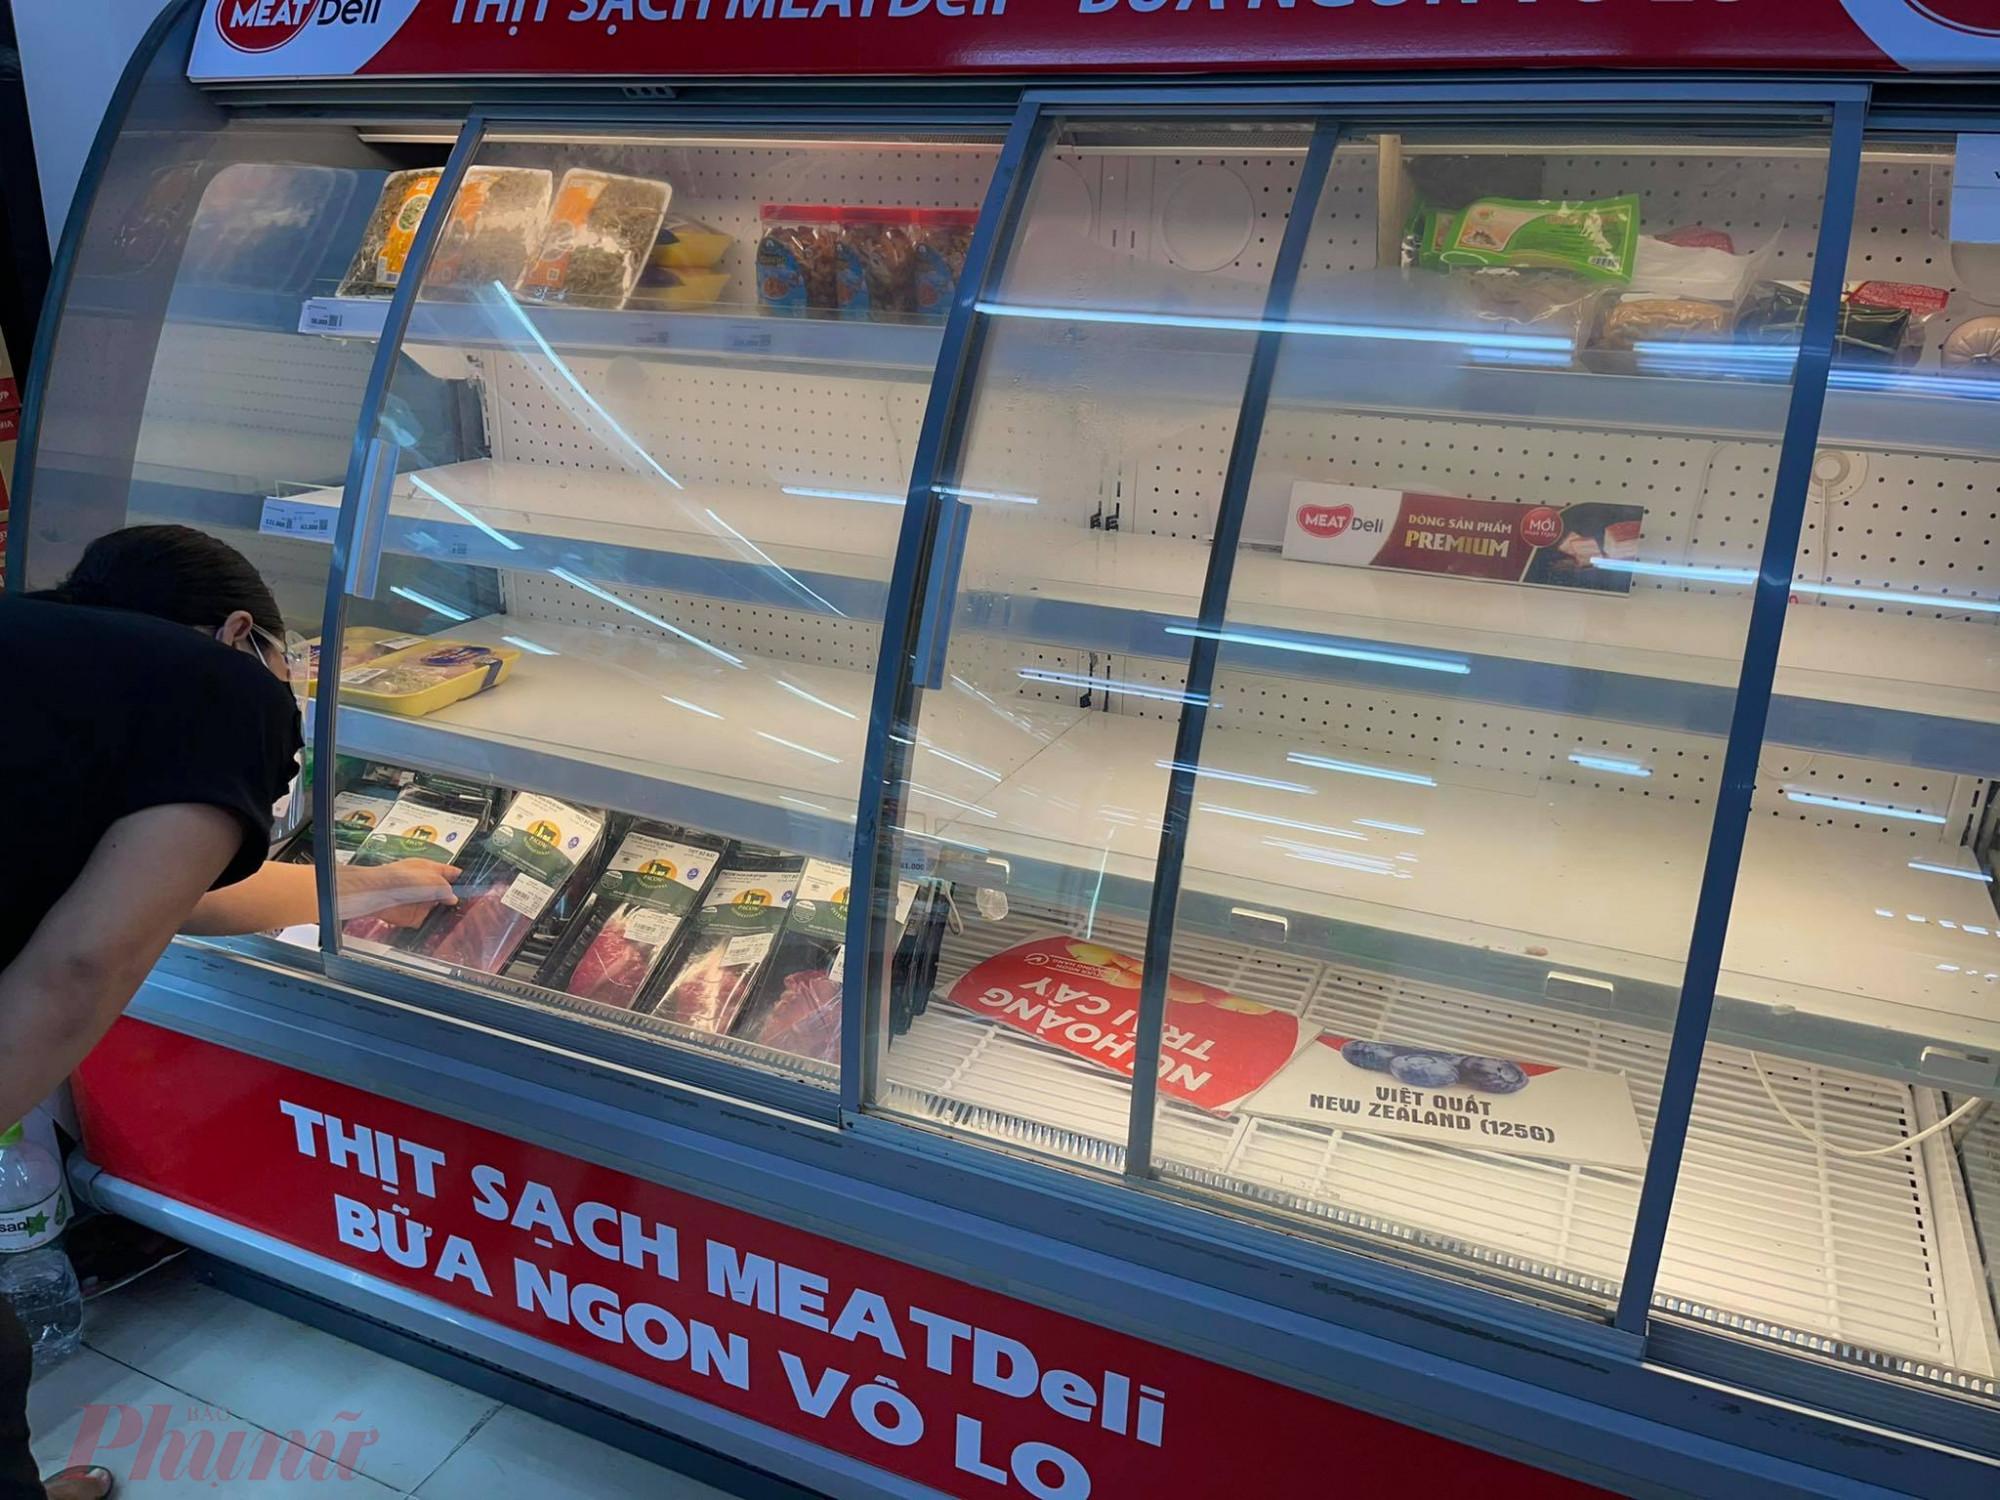 Dù heo, gà tại các vùng nuôi đang thừa mứa, khó tiêu thụ nhưng các cửa hàng, siêu thị tại TPHCM, người tiêu dùng nhiều thời điểm trong ngày vẫn rất khó mua thịt